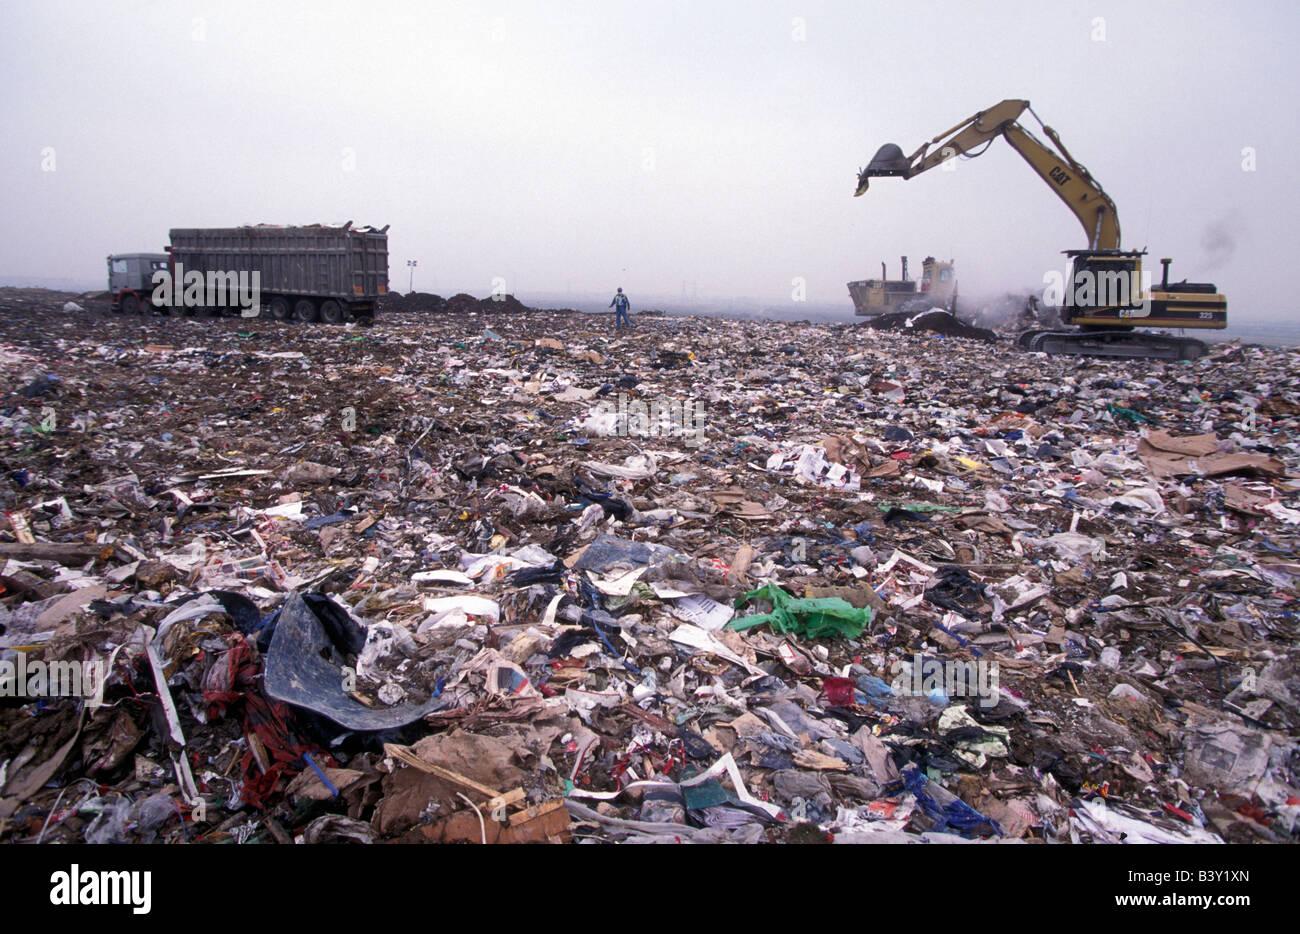 Landfill site, Essex UK - Stock Image